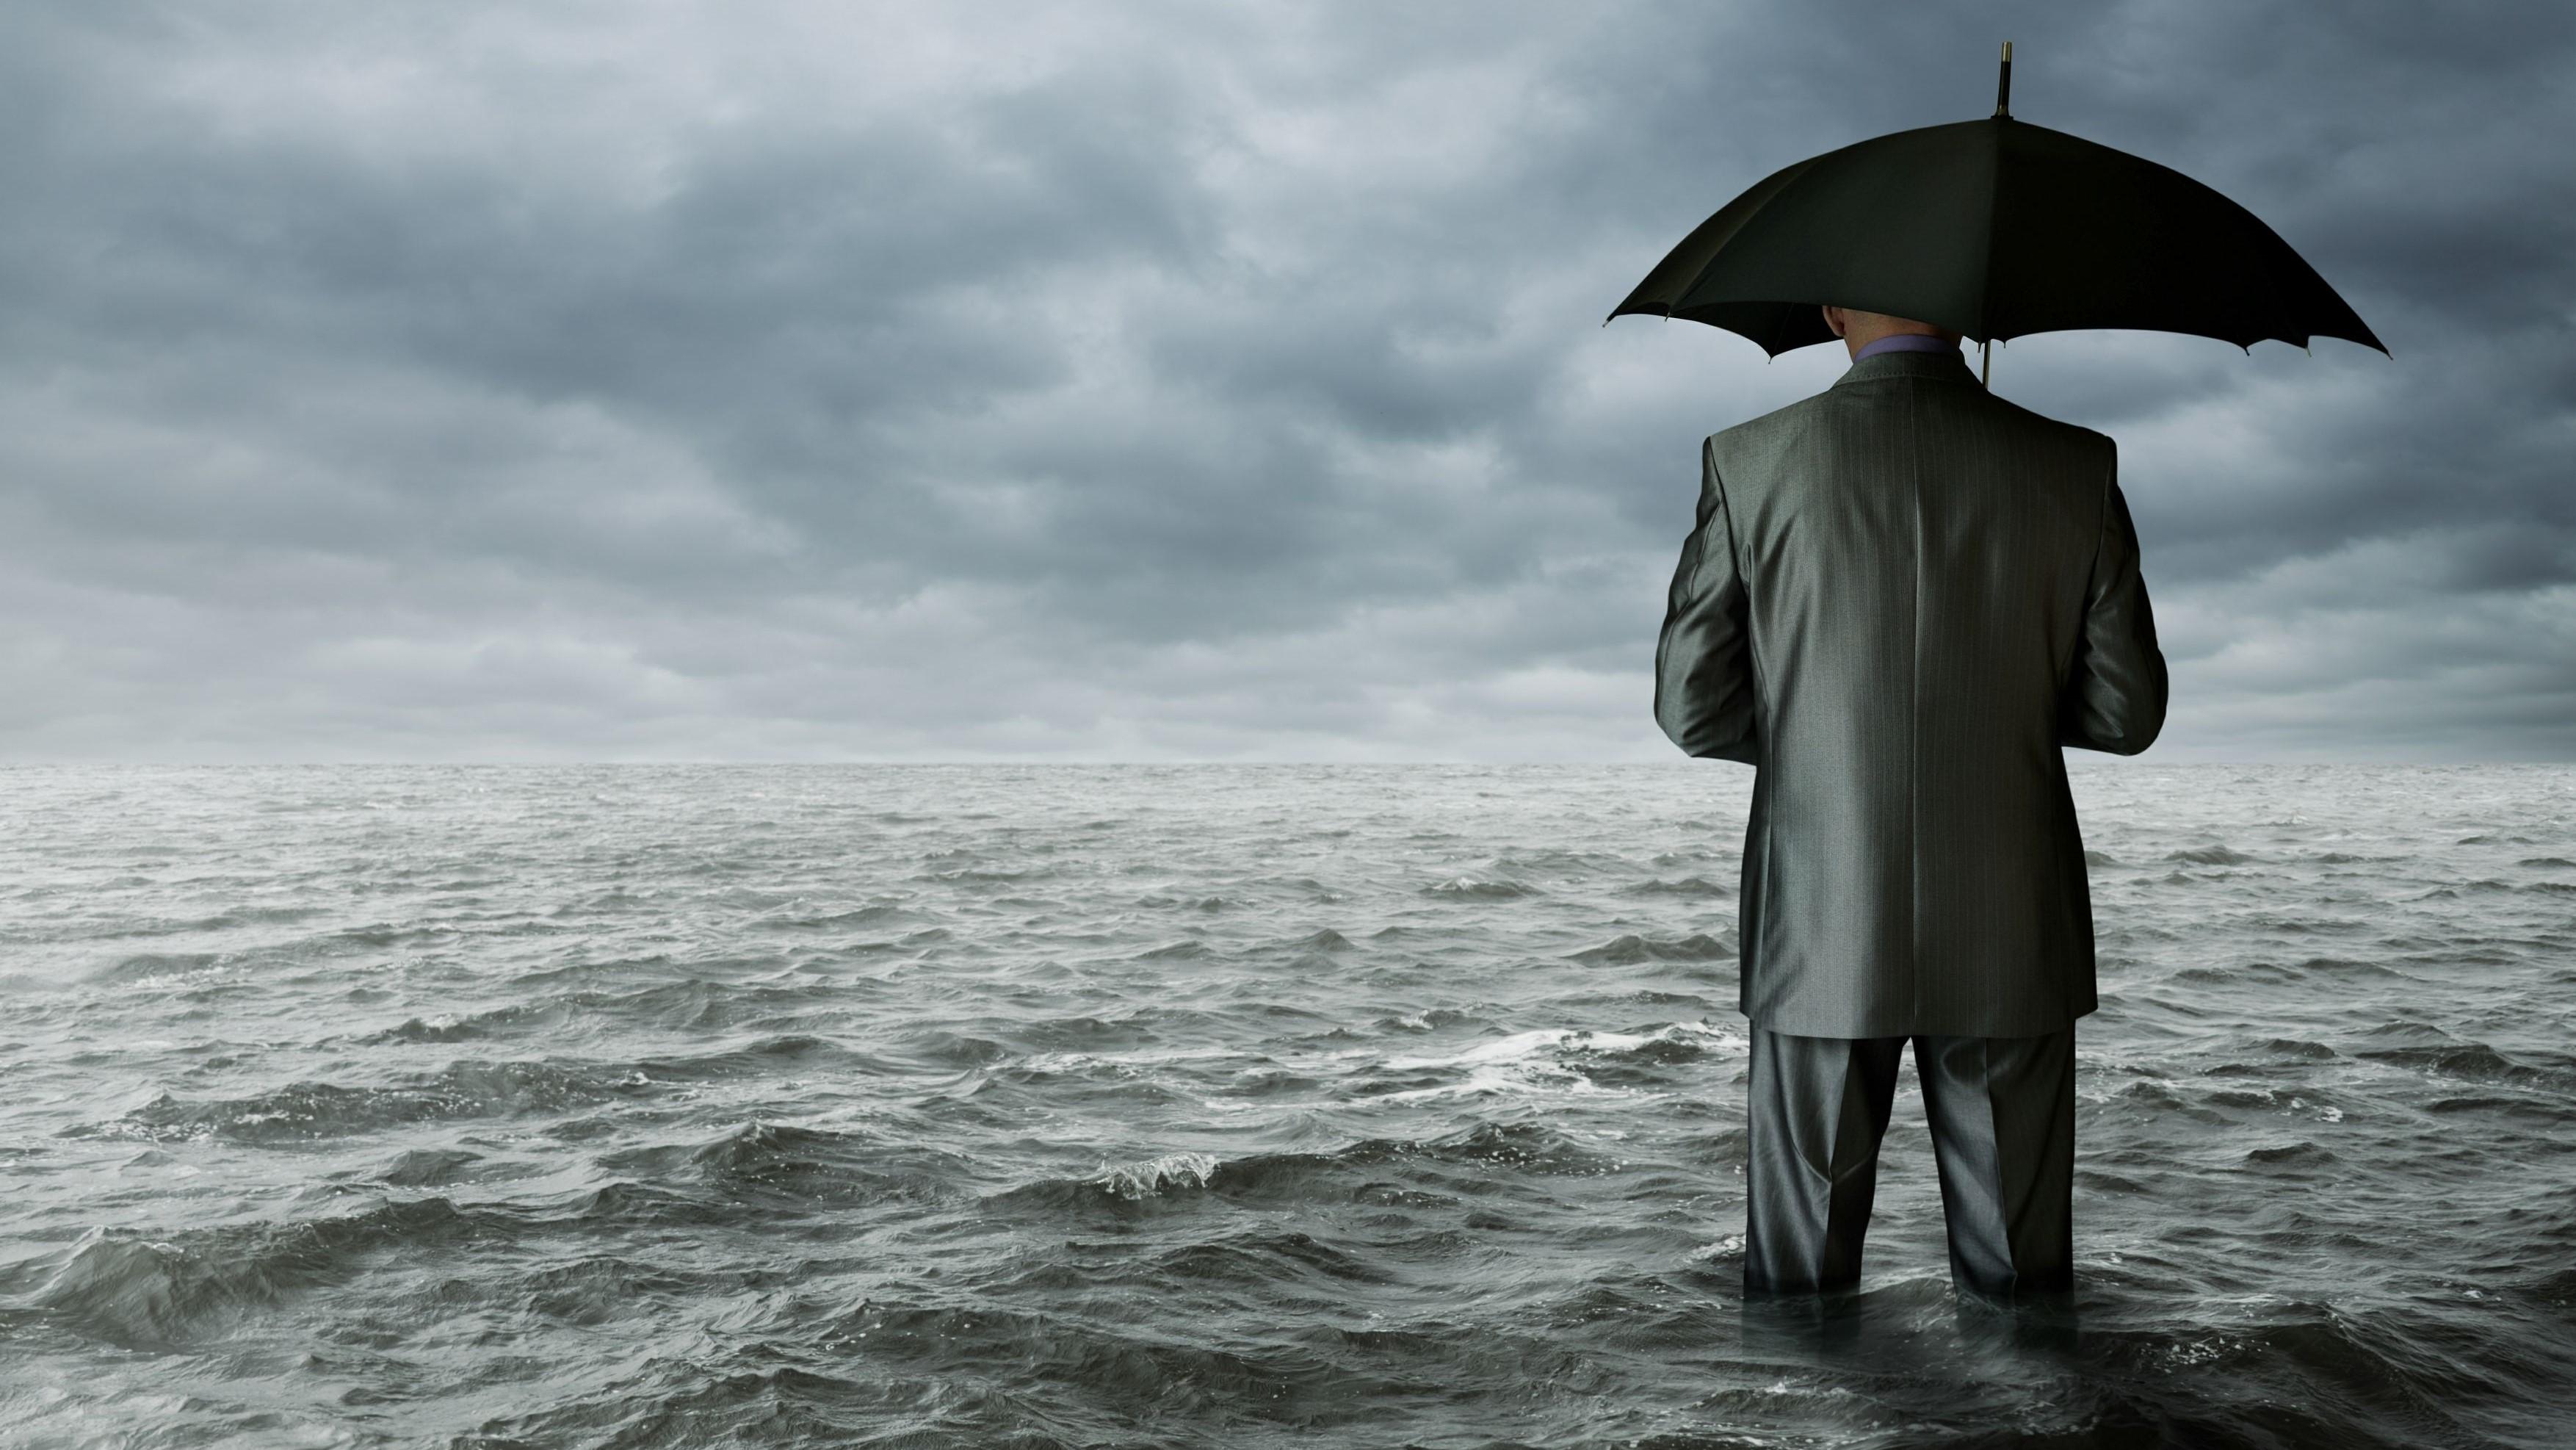 170亿私募基金陷兑付危机,大连商人投资9000万未追回